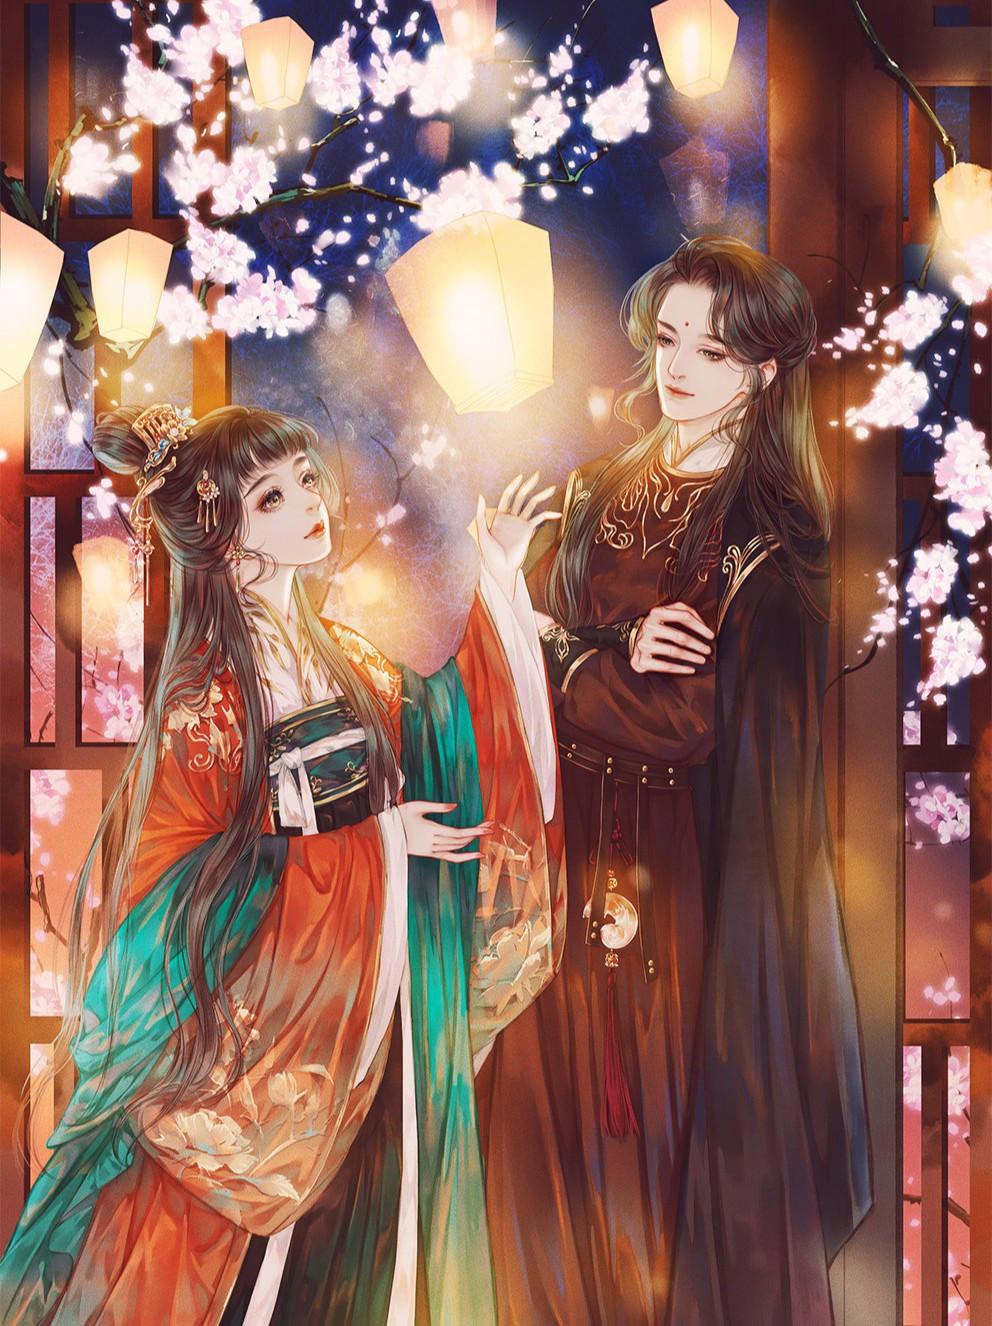 Soán Vị Hoàng Tử Kiều Nhuyễn Bạch Nguyệt Quang